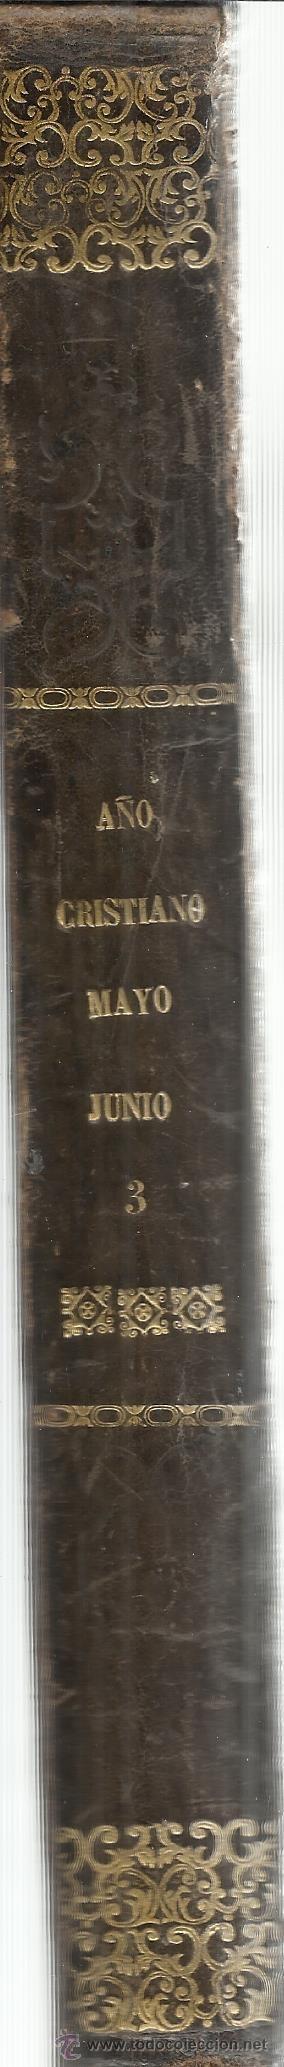 Libros antiguos: AÑO CRISTIANO. P. JUAN CROISSET. TOMO SEGUNDO. GASPAR Y ROIG EDITORES. - Foto 2 - 54389468